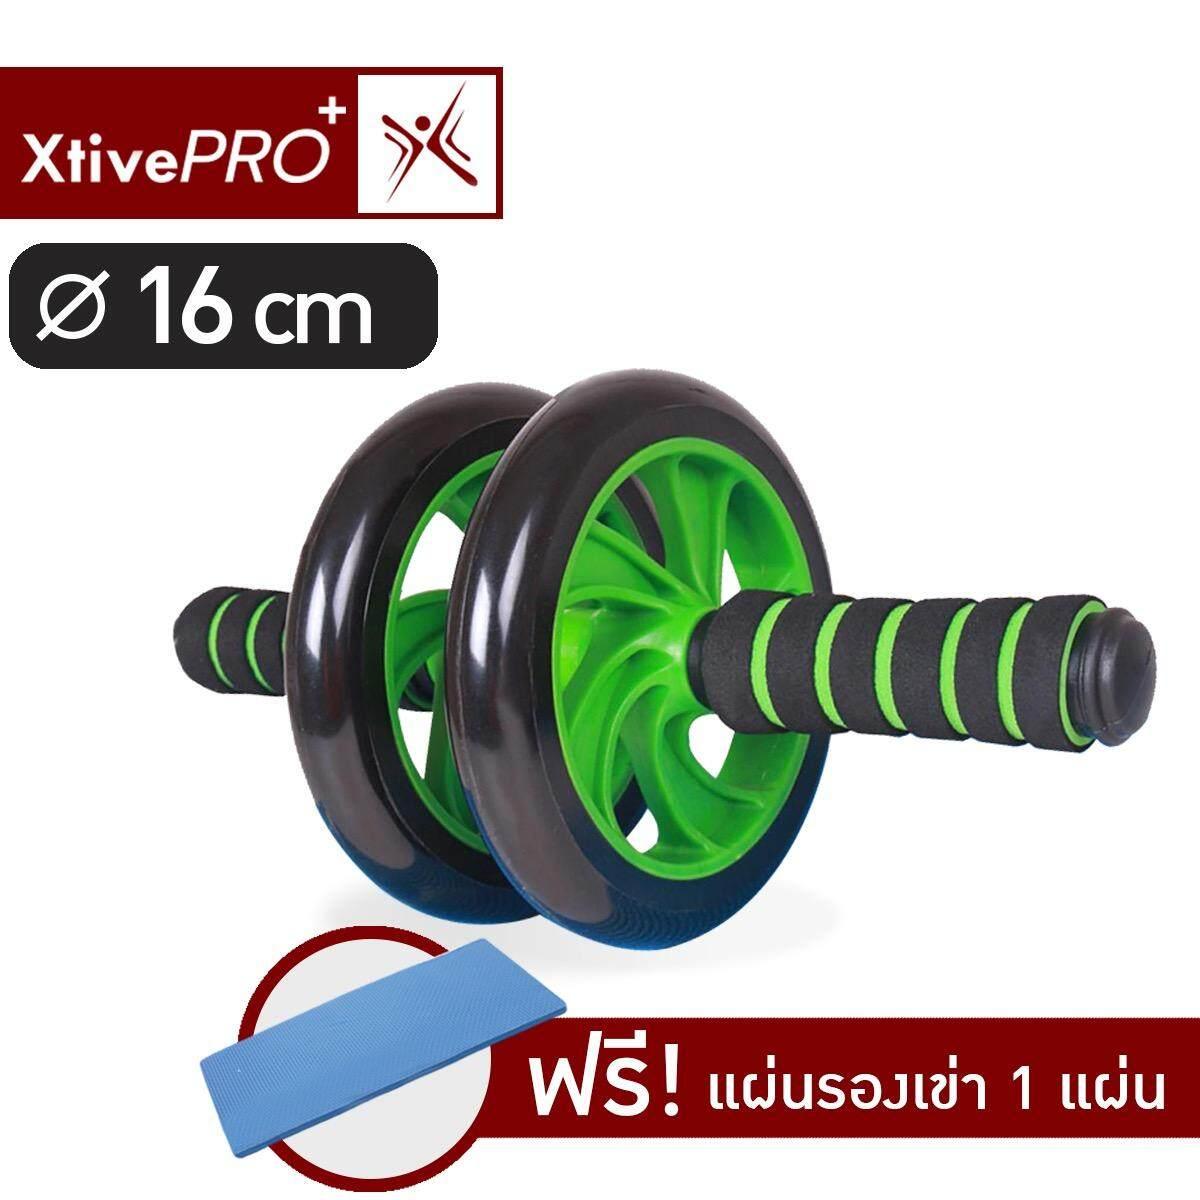 ขาย Xtivepro Starter Wheel 16 Cm Green ลูกกลิ้งบริหารหน้าท้อง Ab Wheel แบบล้อคู่ สีเขียว สมุทรปราการ